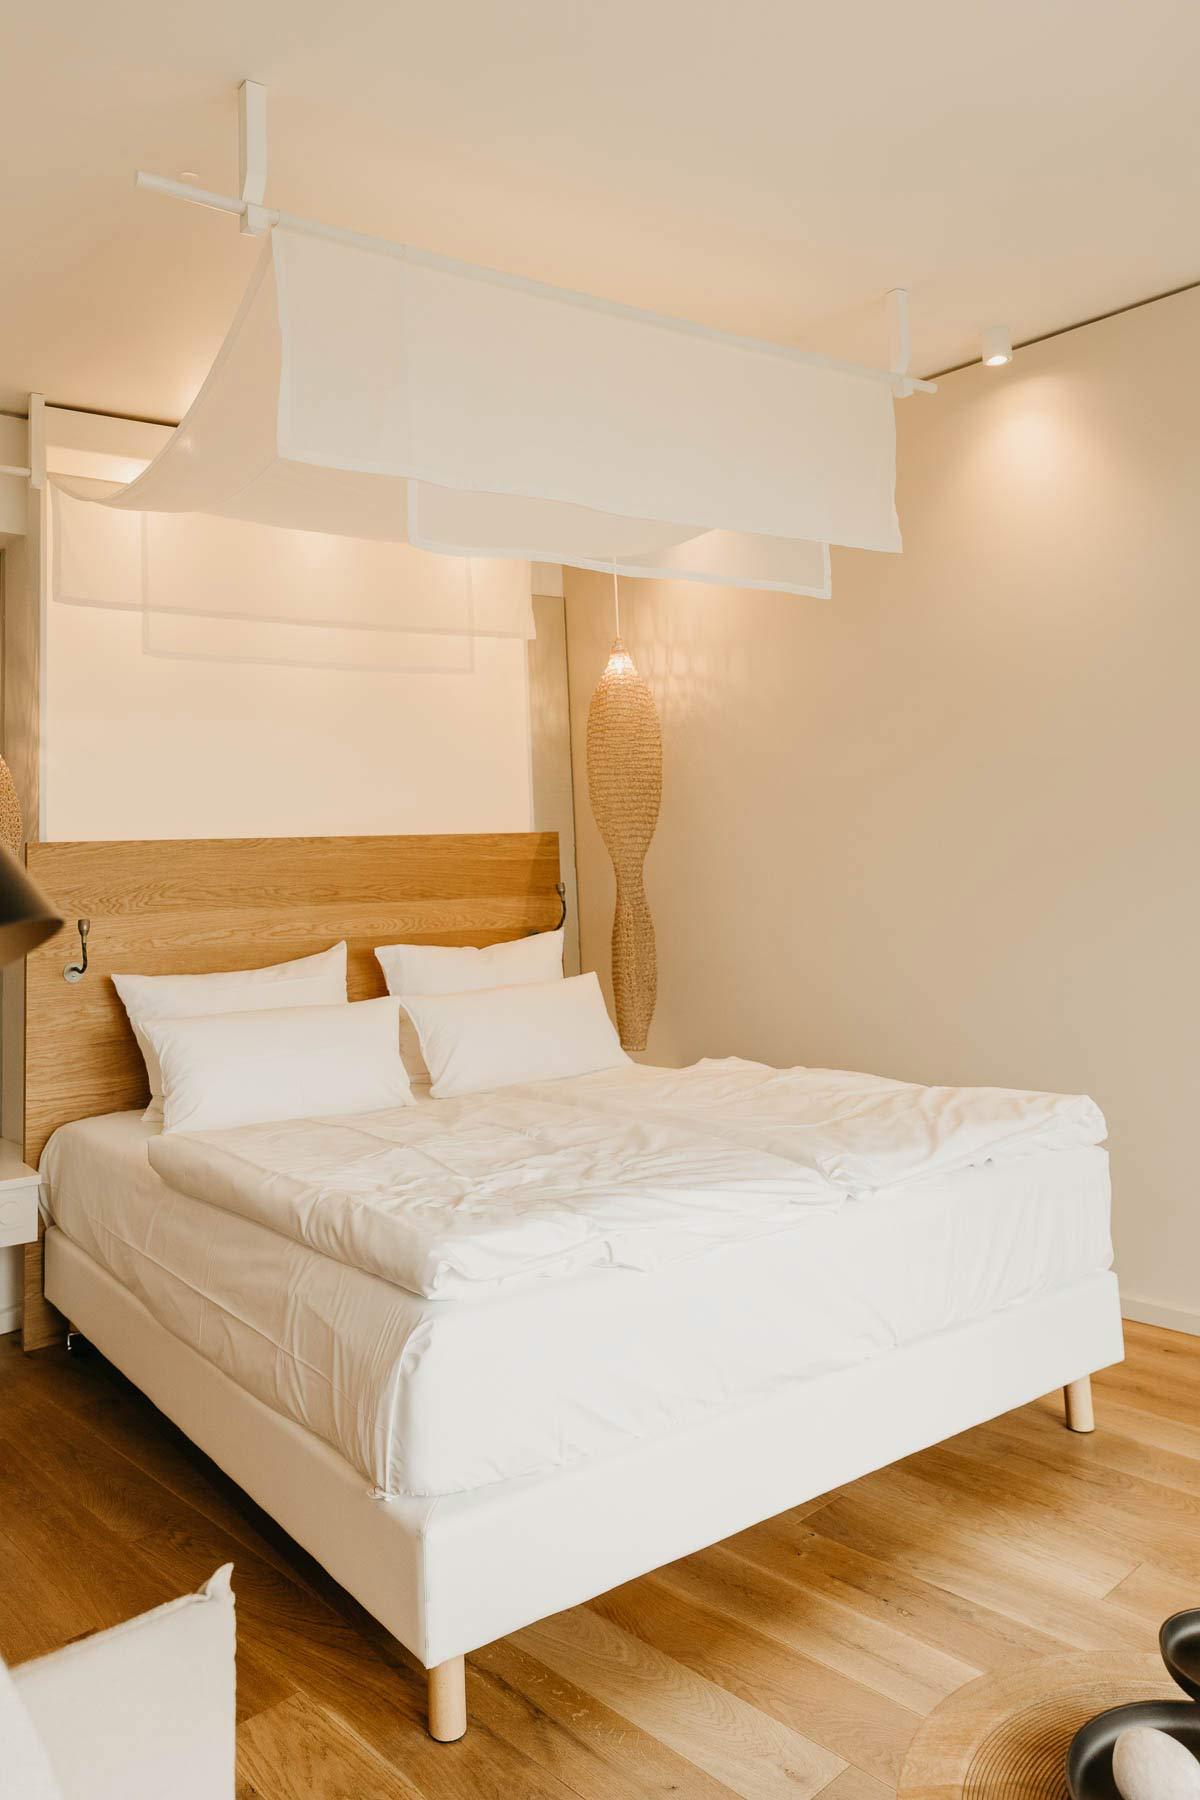 Zimmer Bett Seezeeitlodge